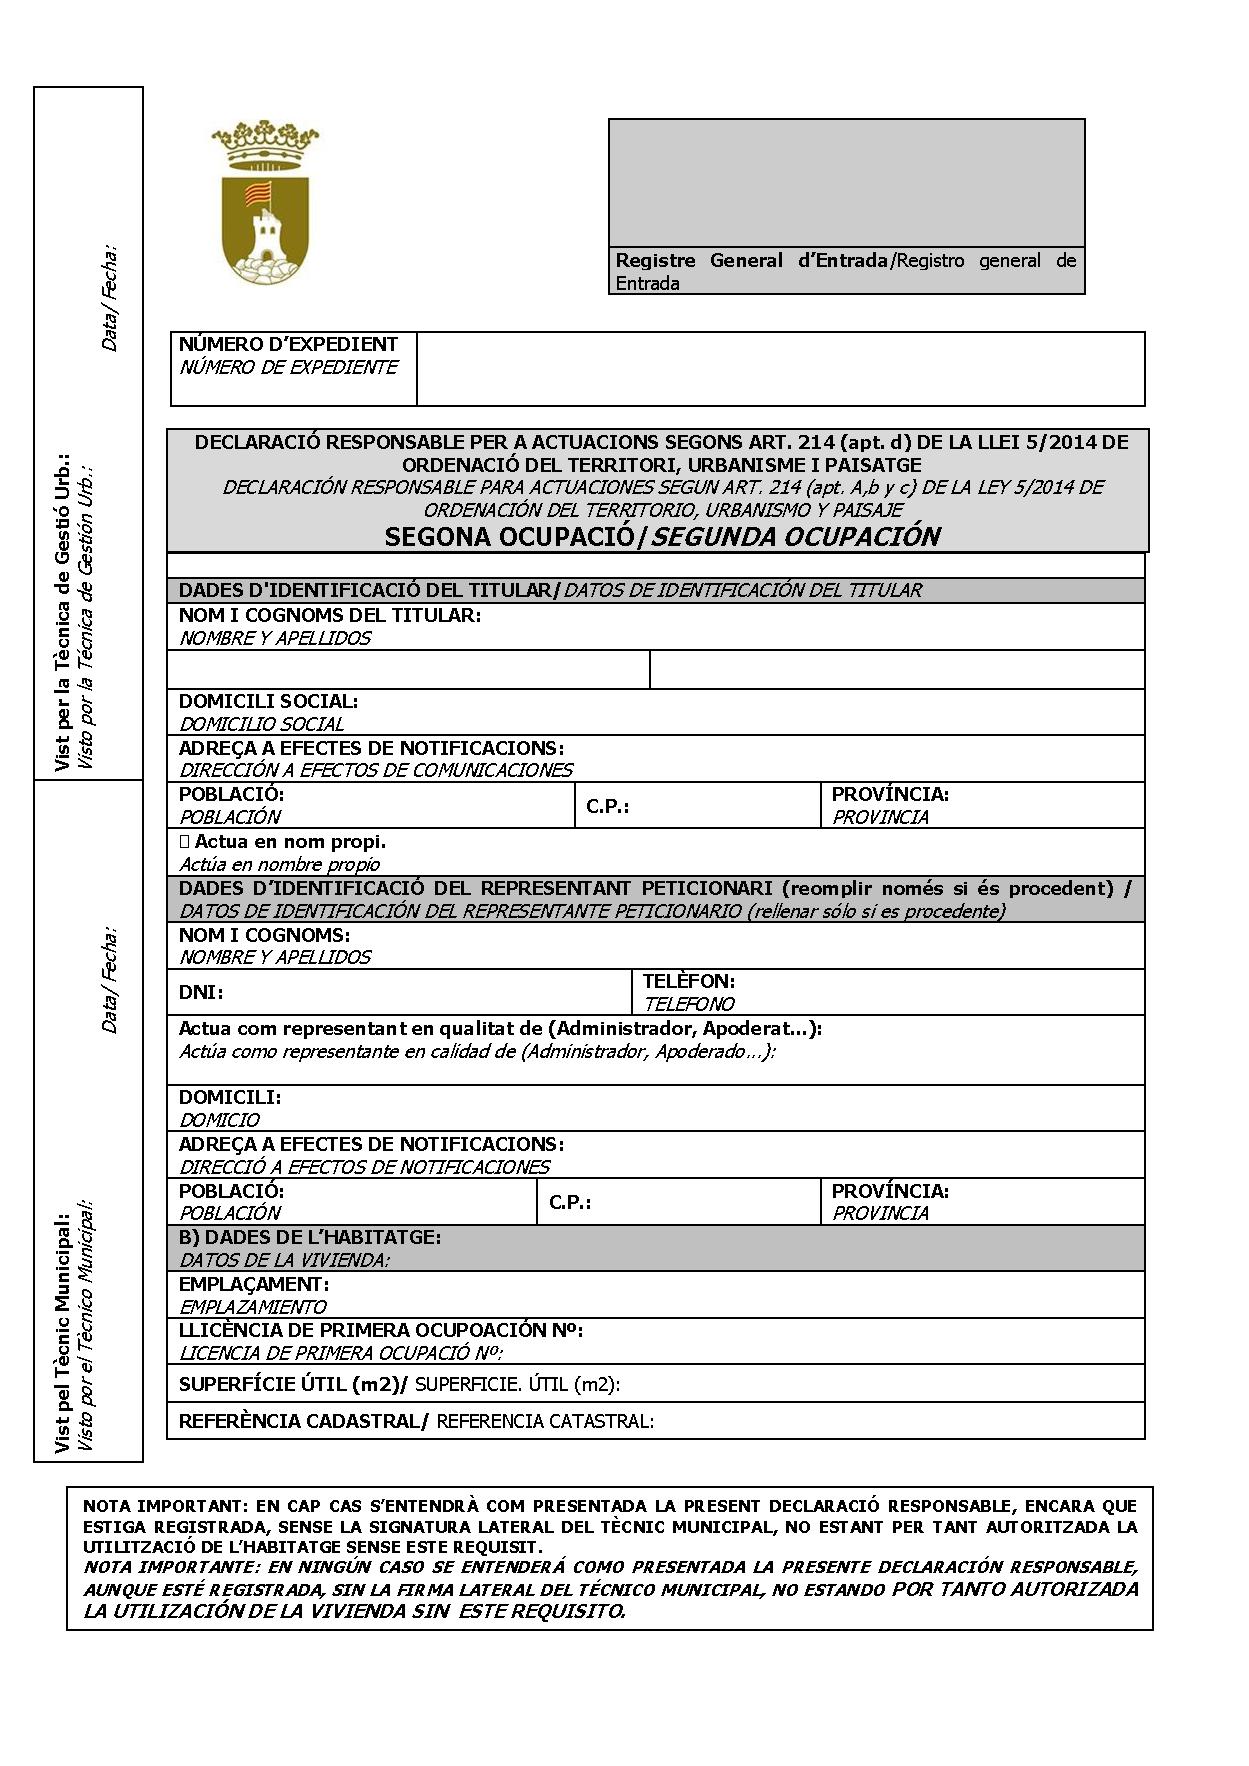 Impreso Declaración Responsable Segunda Ocupación Pedreguer